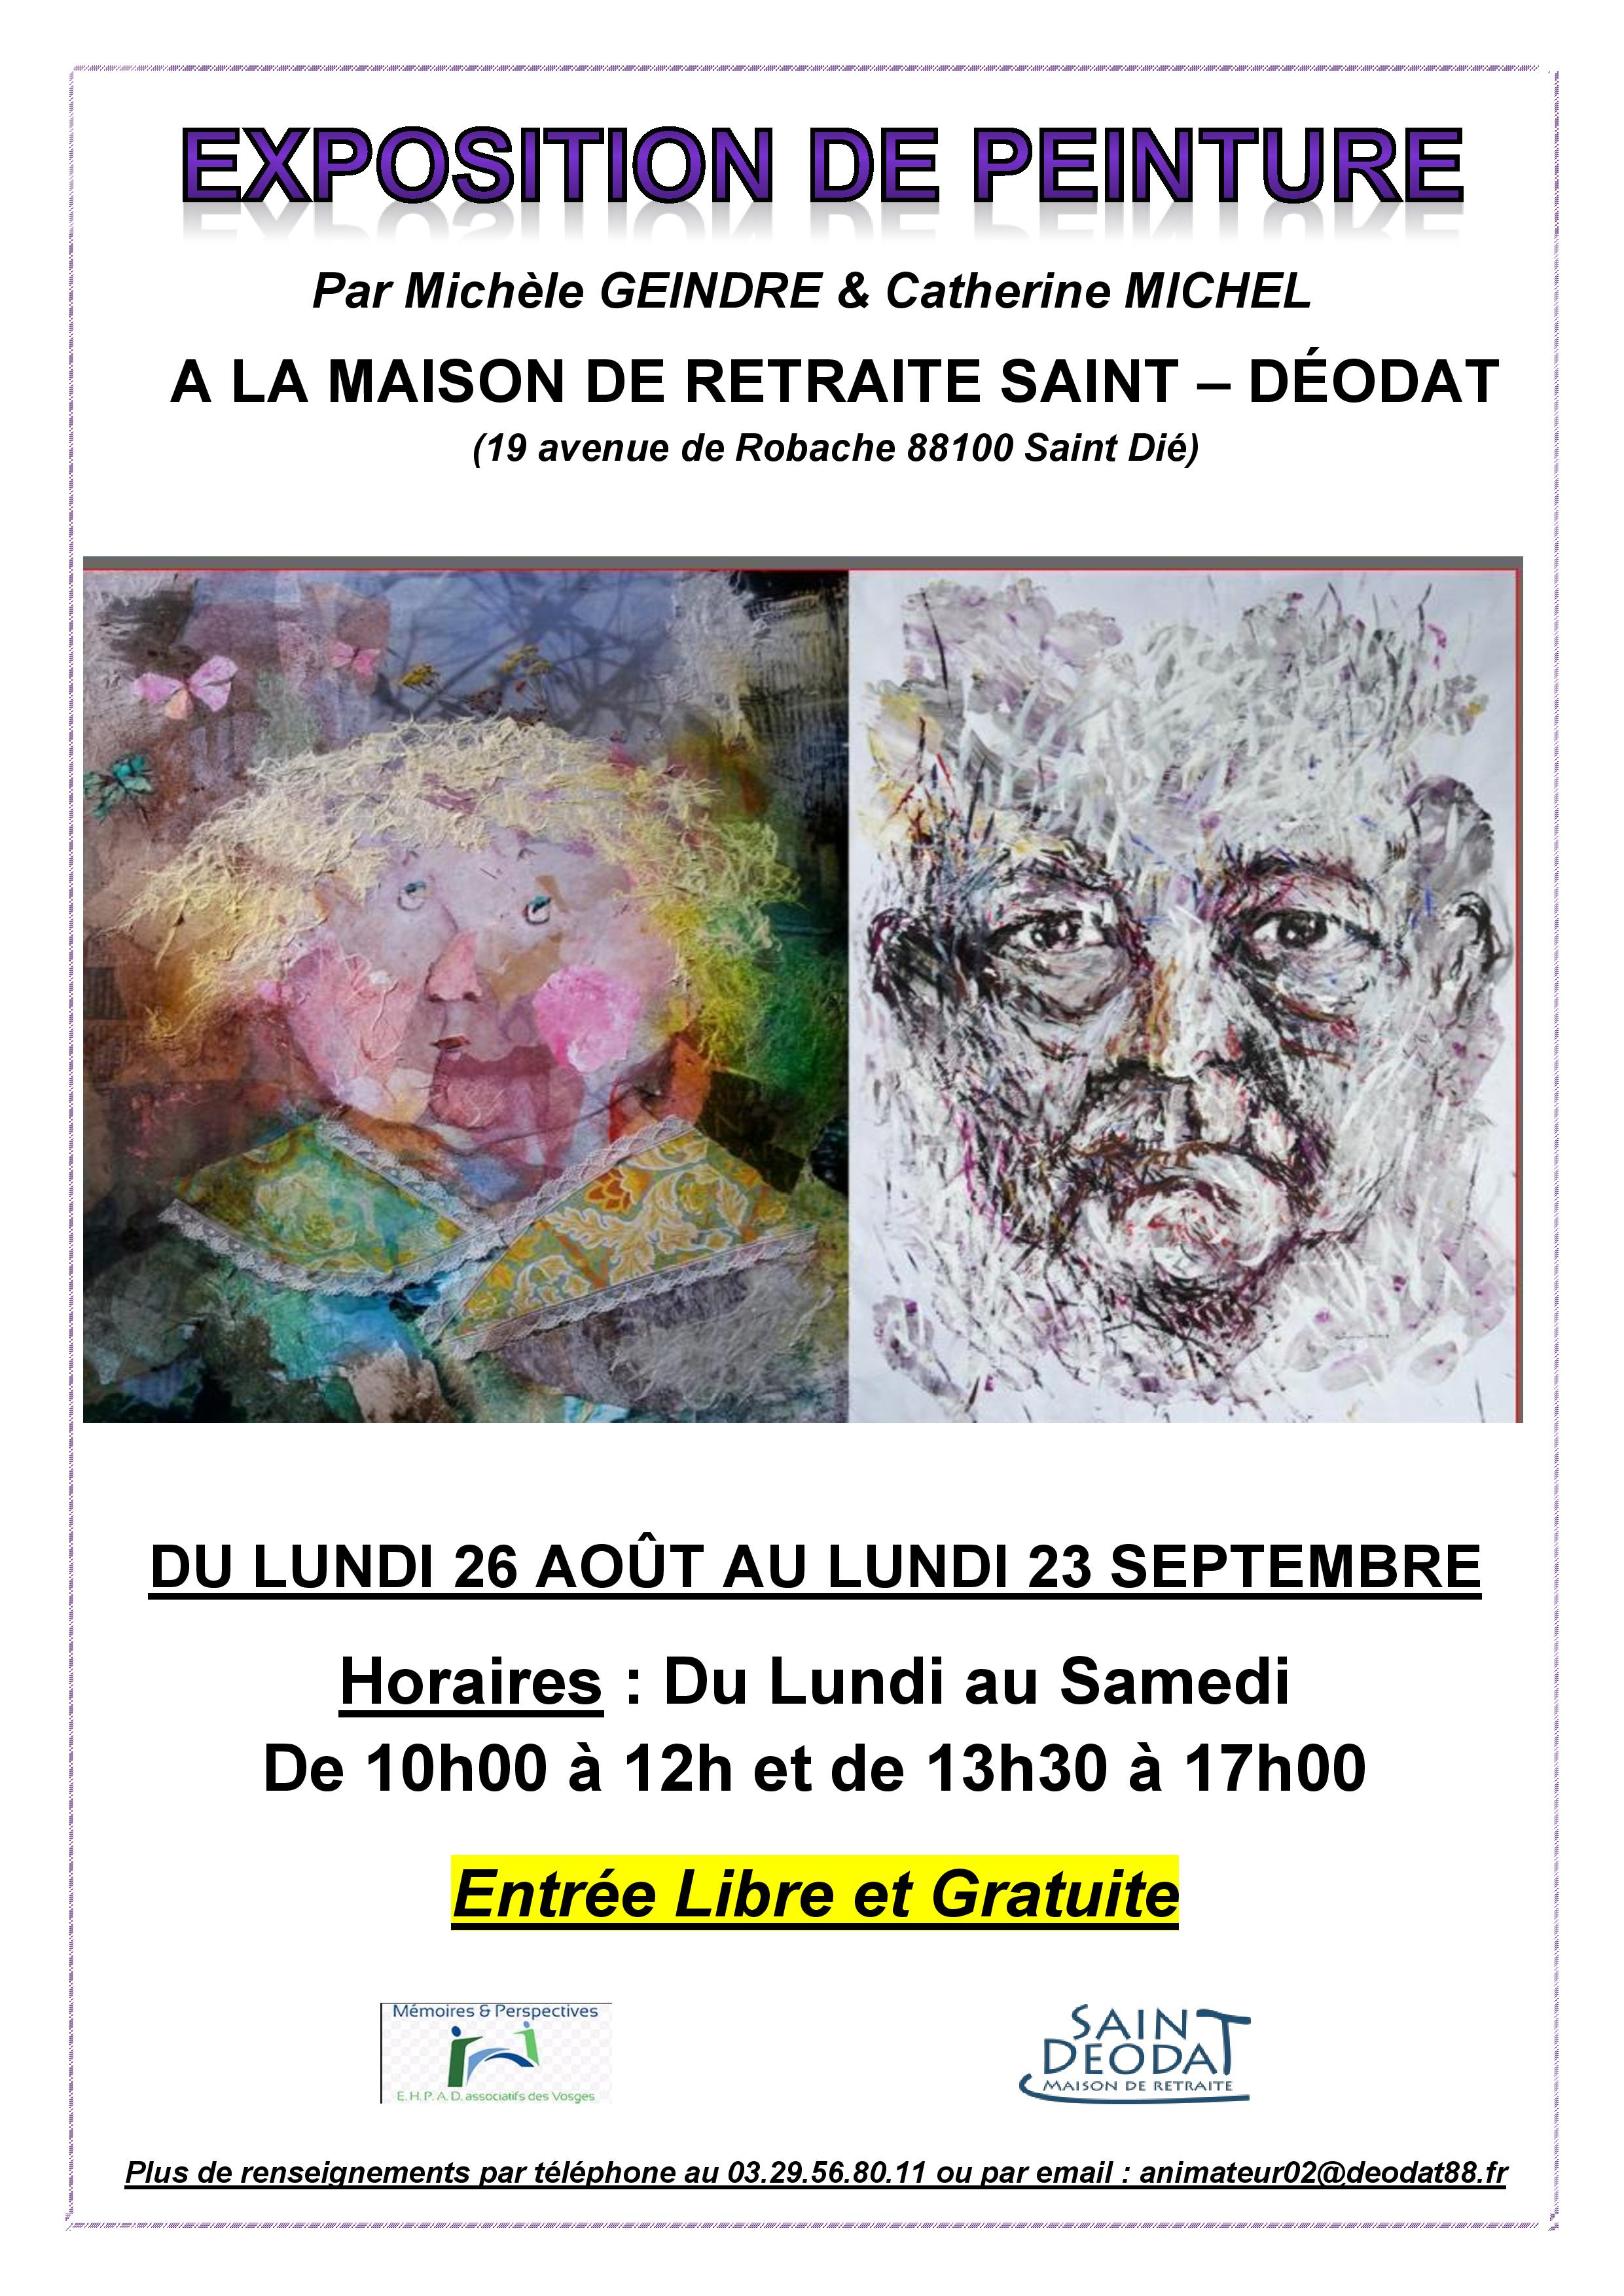 Michèle Geindre et Catherine Michel exposeront prochainement à l'EHPAD Saint-Déodat